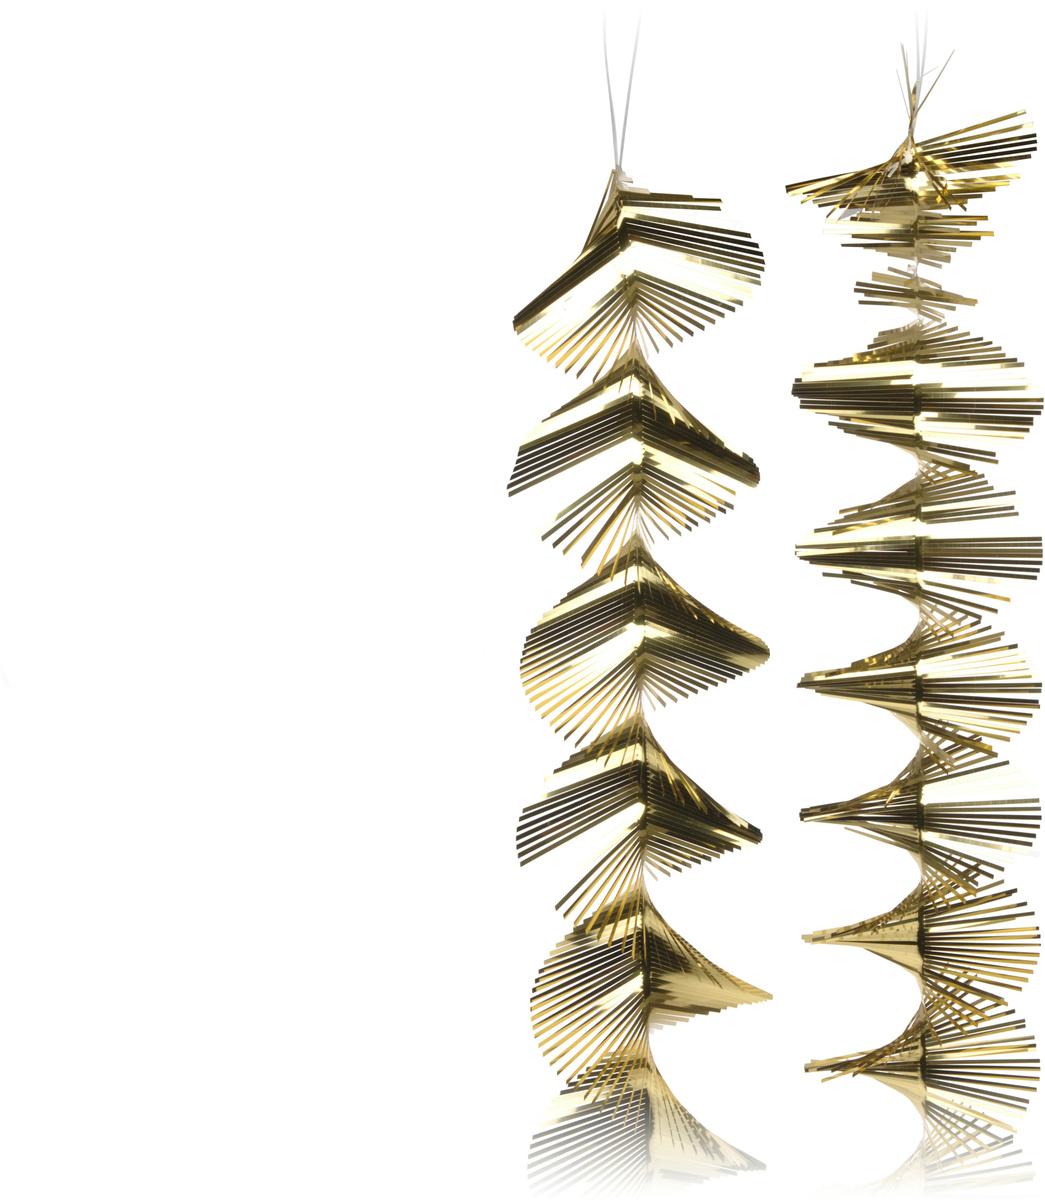 Vianočná girlanda 150 cm, zlatá,